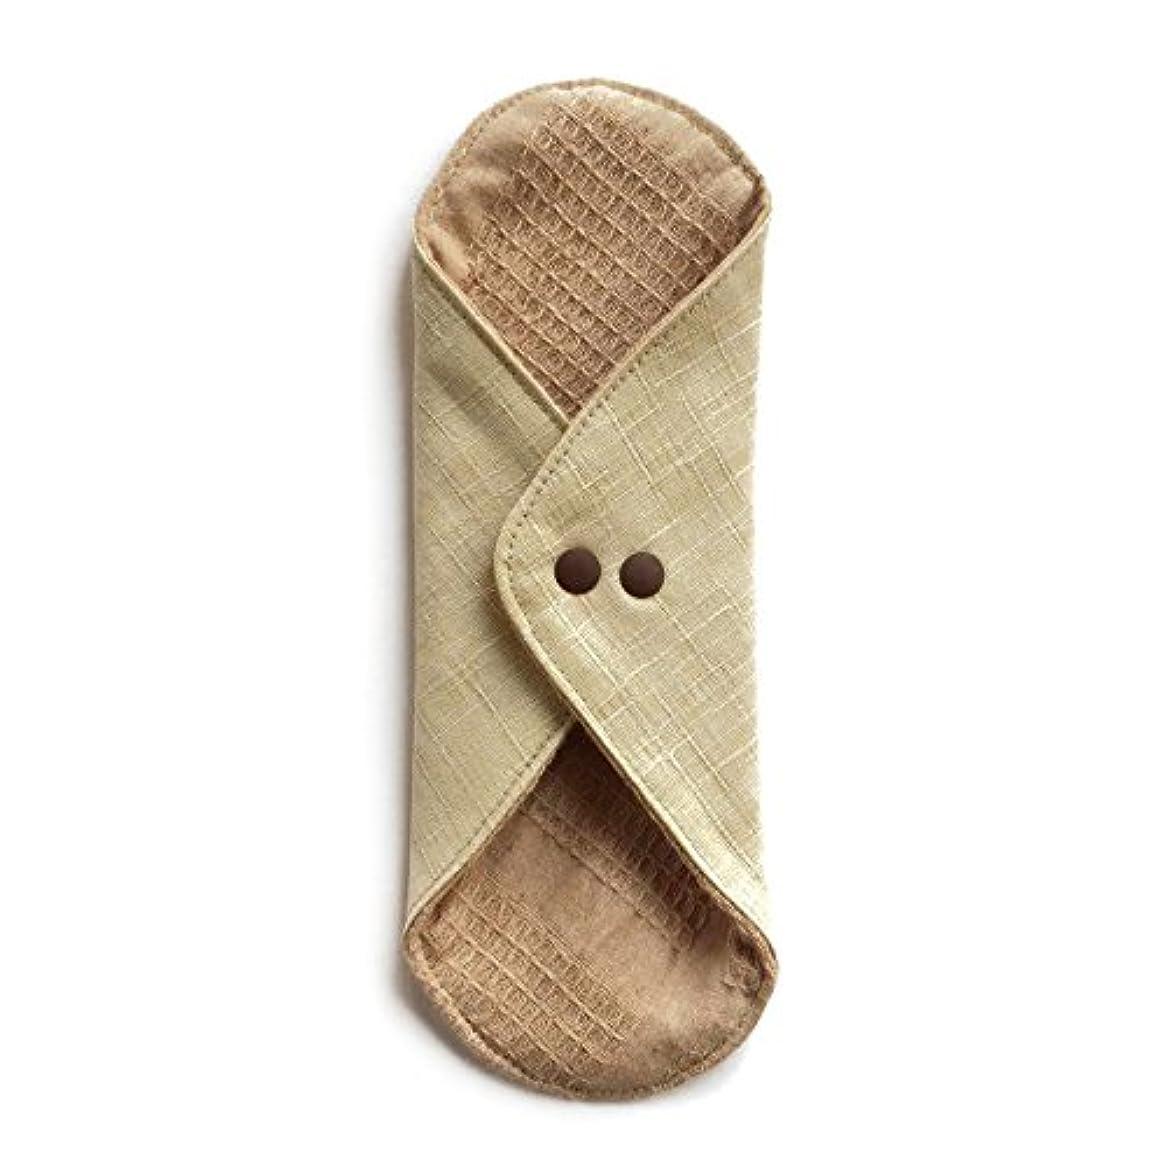 屋内ギネスディーラー華布のオーガニックコットンのあたため布 Lサイズ (約18×約20.5×約0.5cm) 彩り(百合)